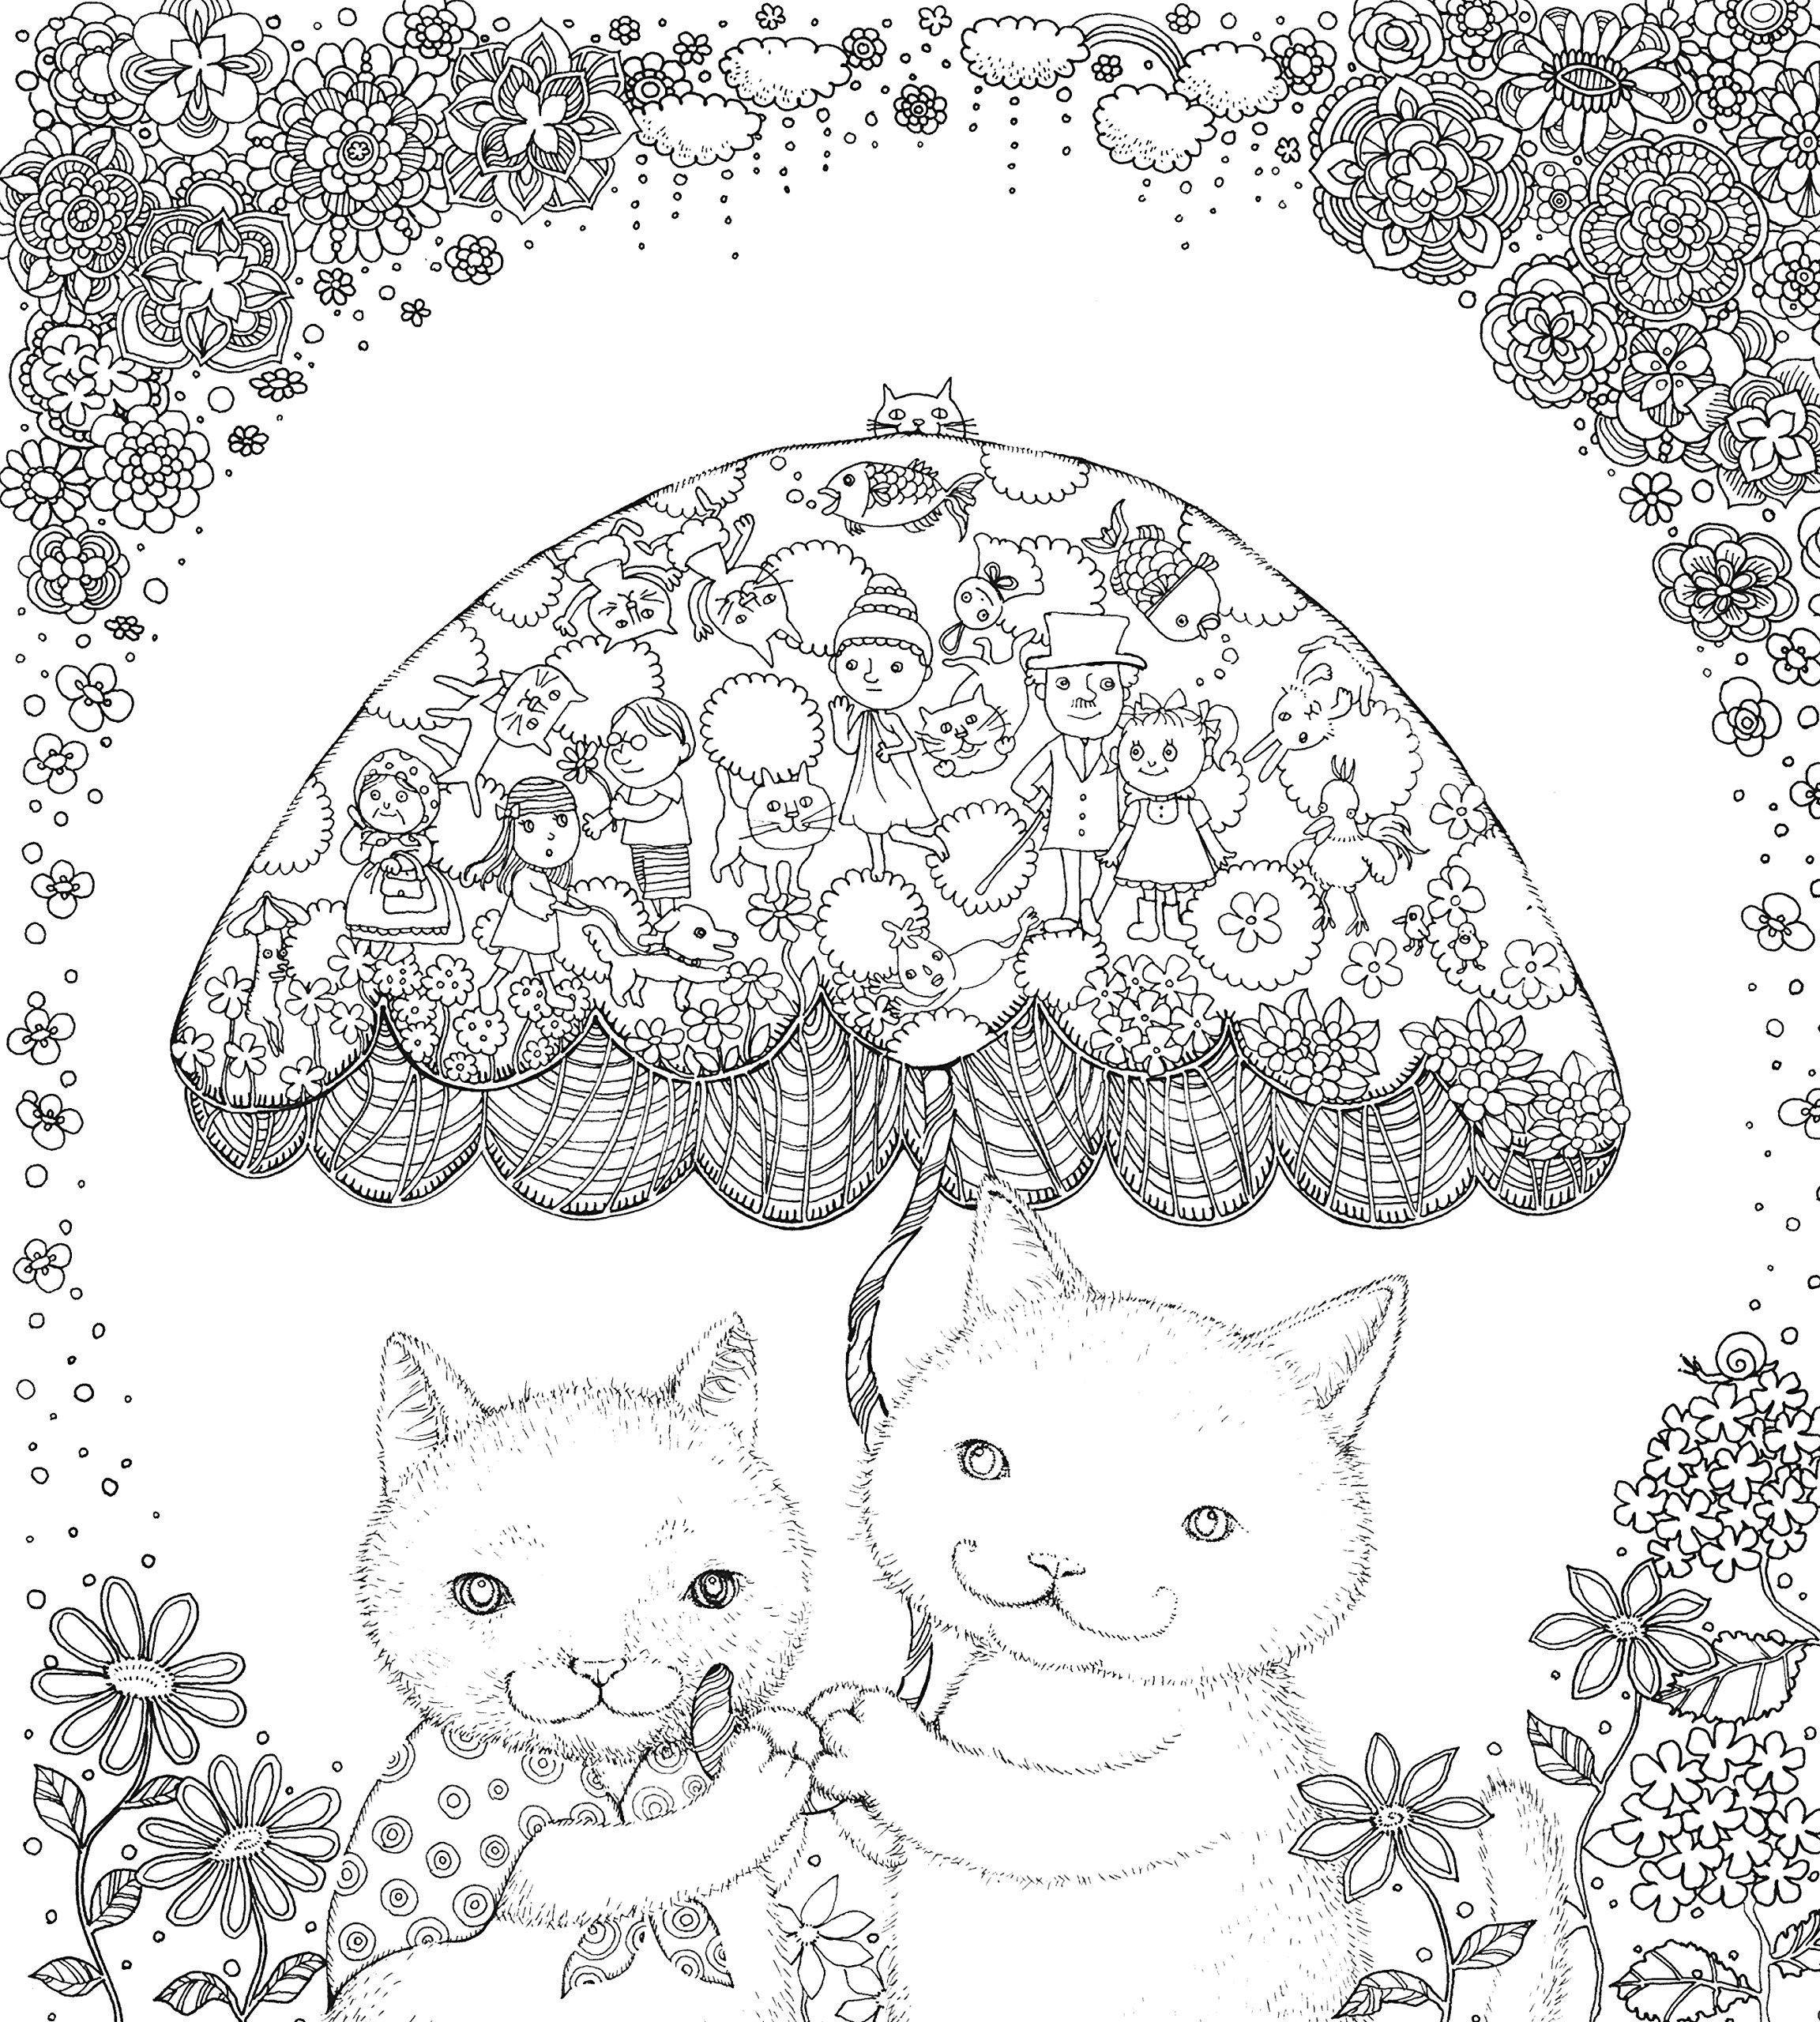 Baby Katzen Ausmalbilder Inspirierend Babykatzen Ausmalbilder Uploadertalk Frisch Baby Katzen Ausmalbilder Sammlung